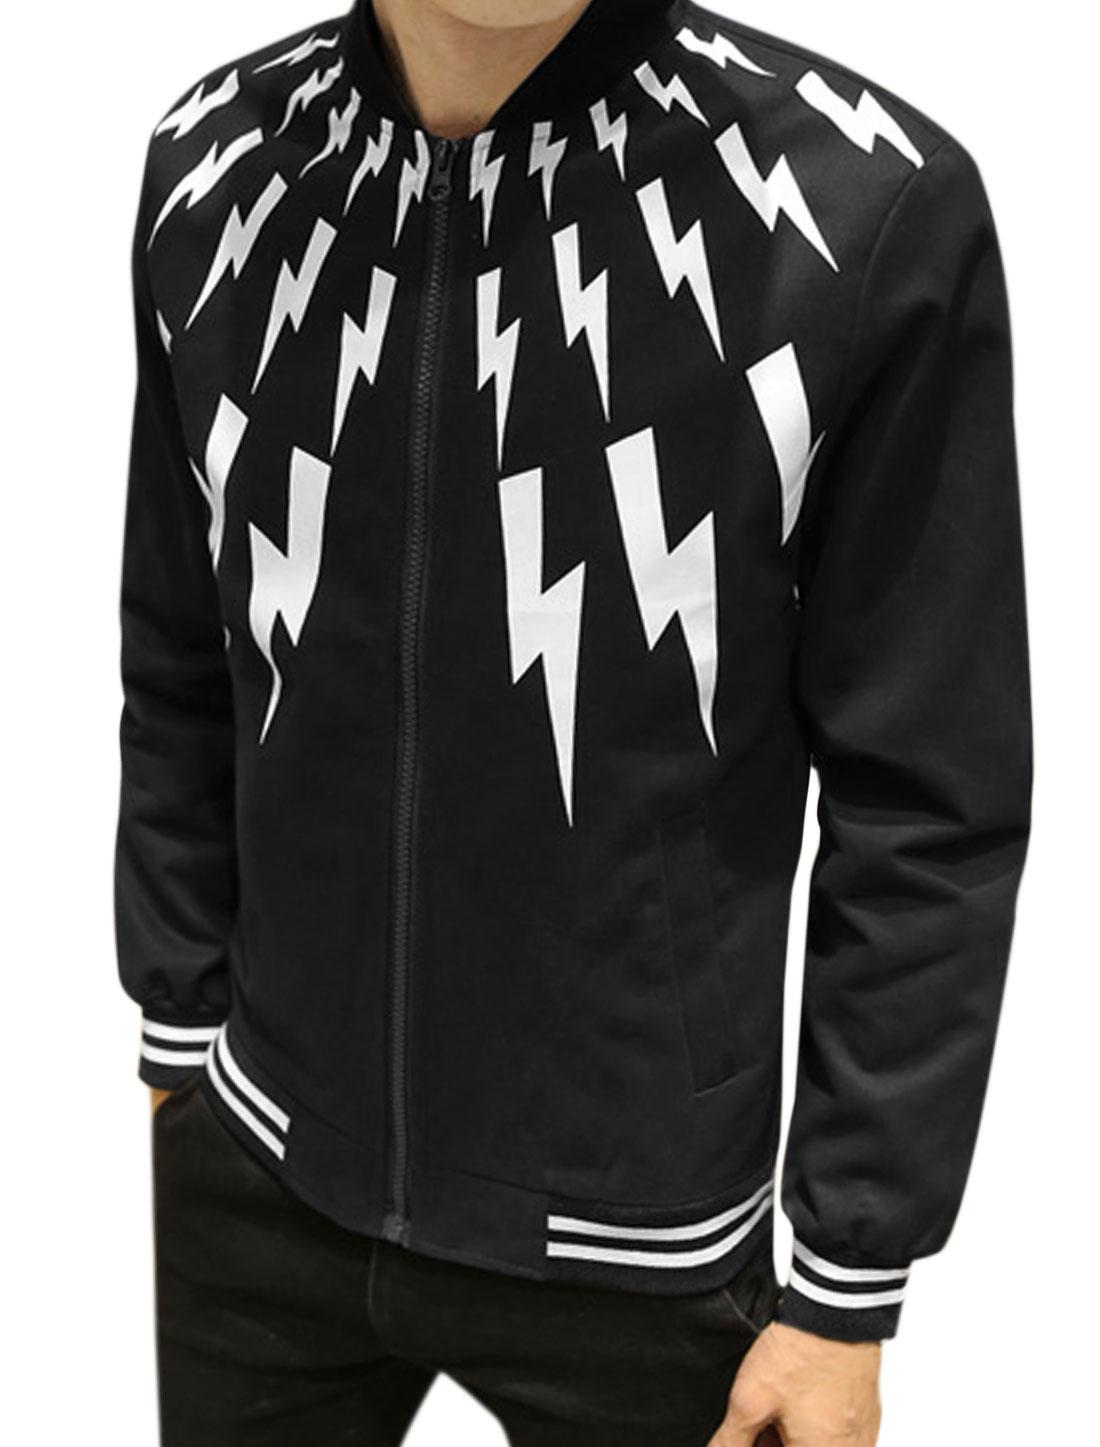 Men Zip Up Slant Pockets Stripes Lightning Jacket Black S